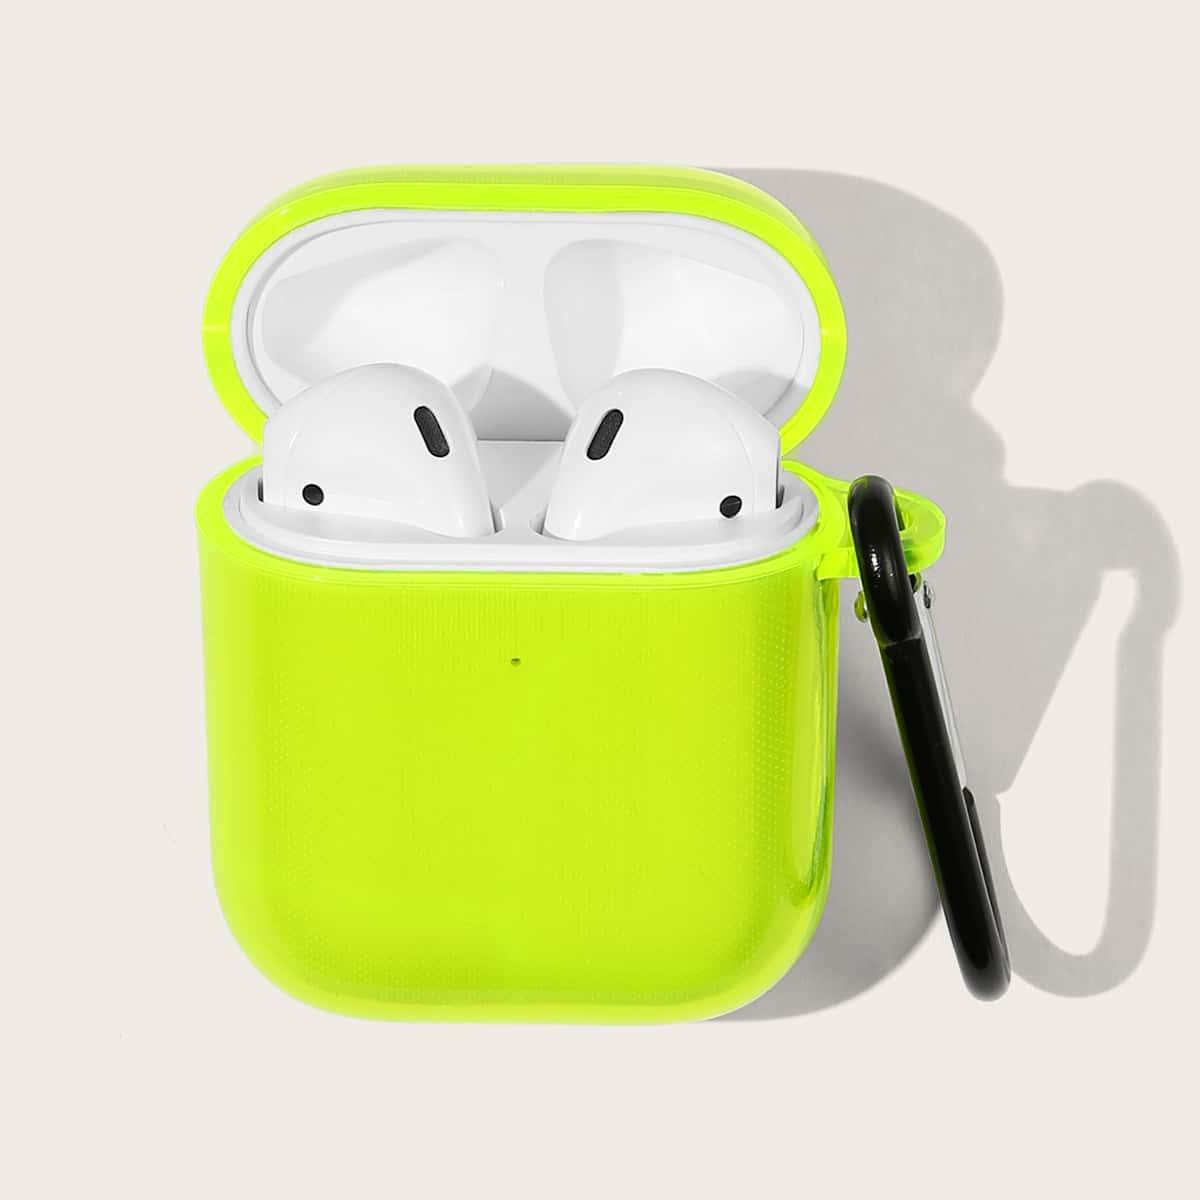 SHEIN / Einfarbige transparente Airpods Hülle